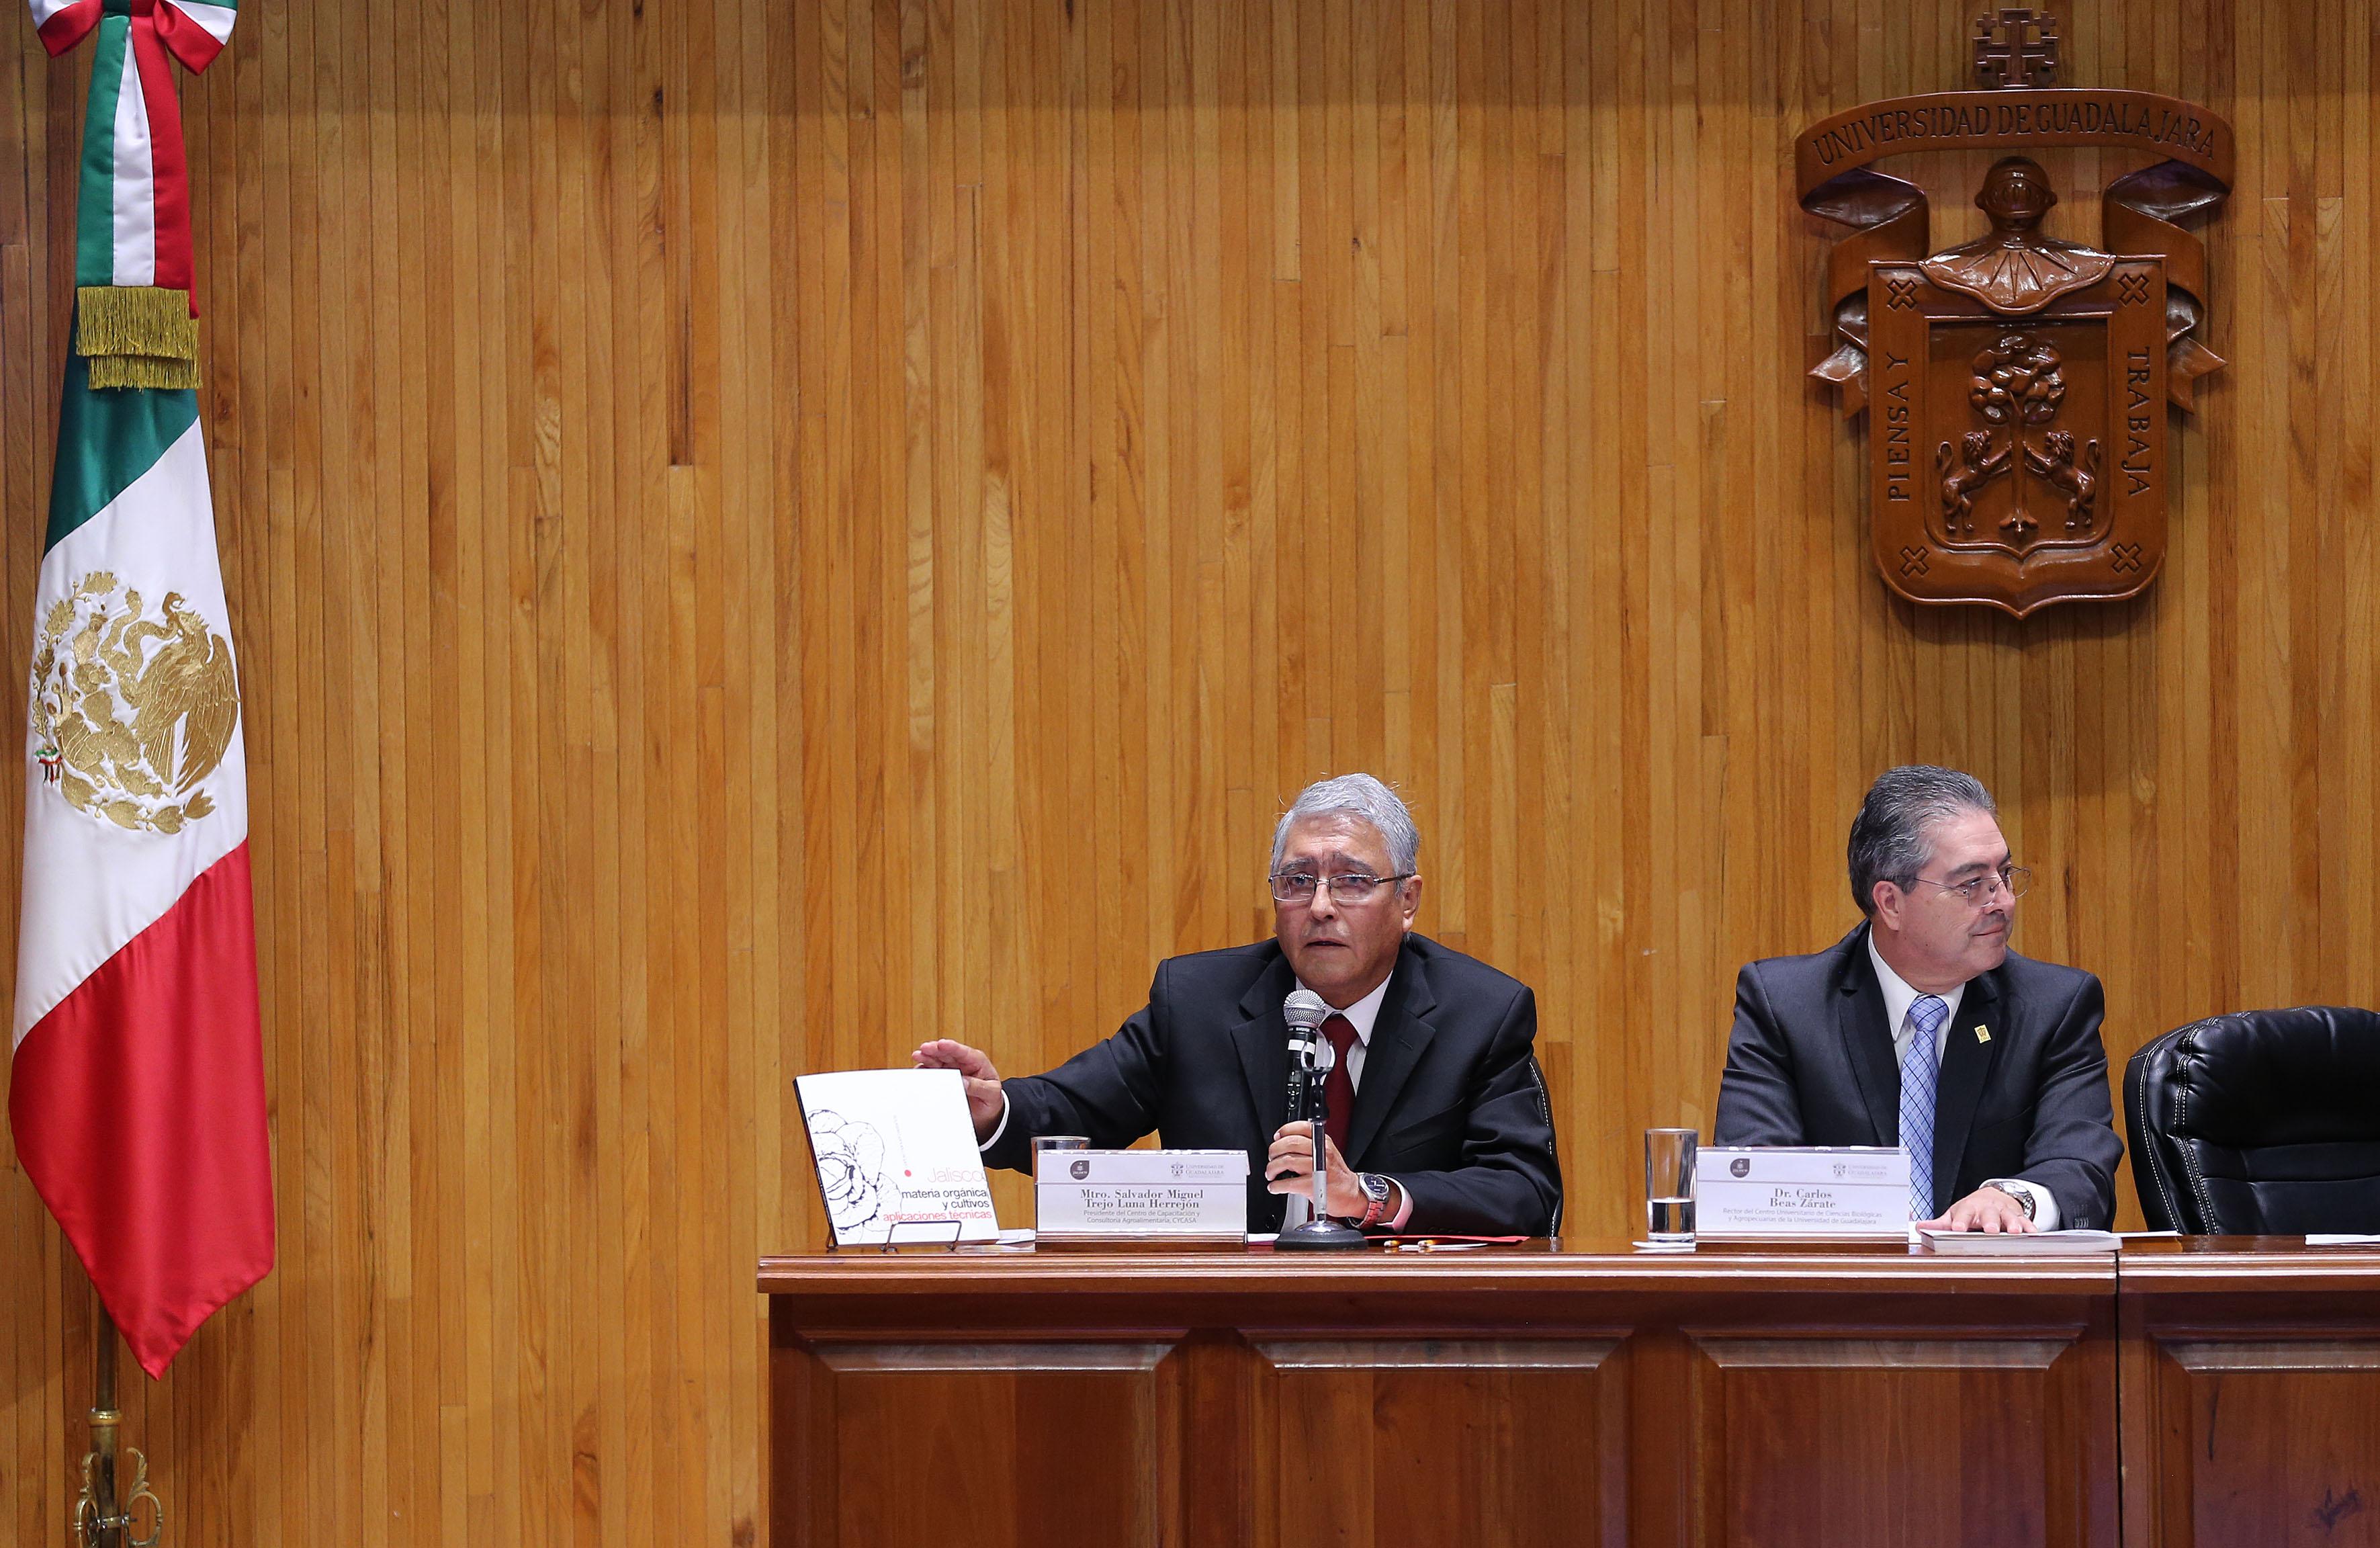 Maestro Salvador Trejo Luna Herrejón, presidente del Centro de Capacitación y Consultoría Agroalimentaria, frente al micrófono